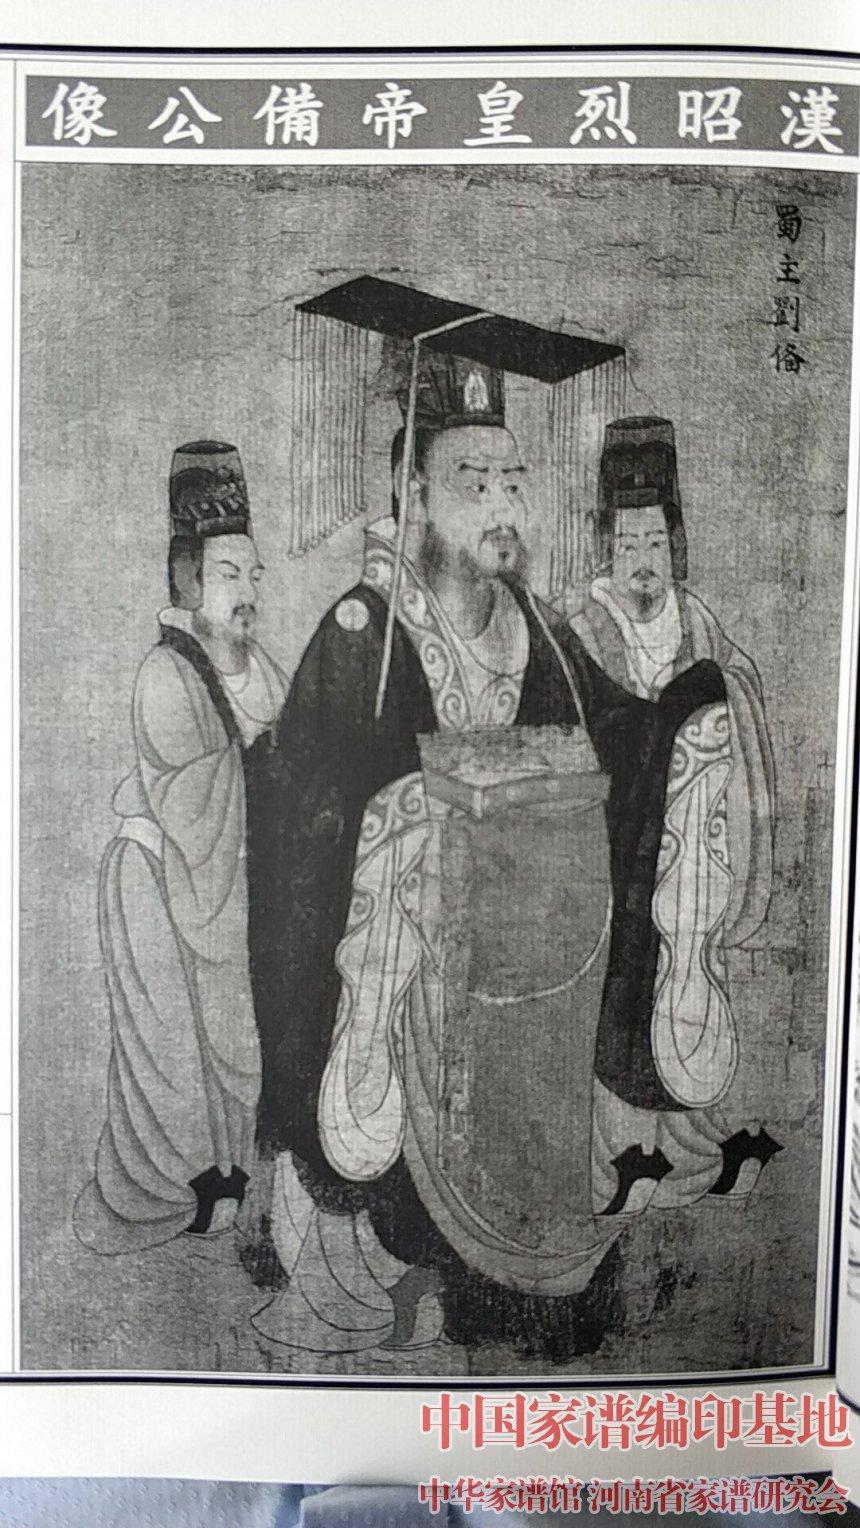 刘氏先祖像赞 (3).jpg